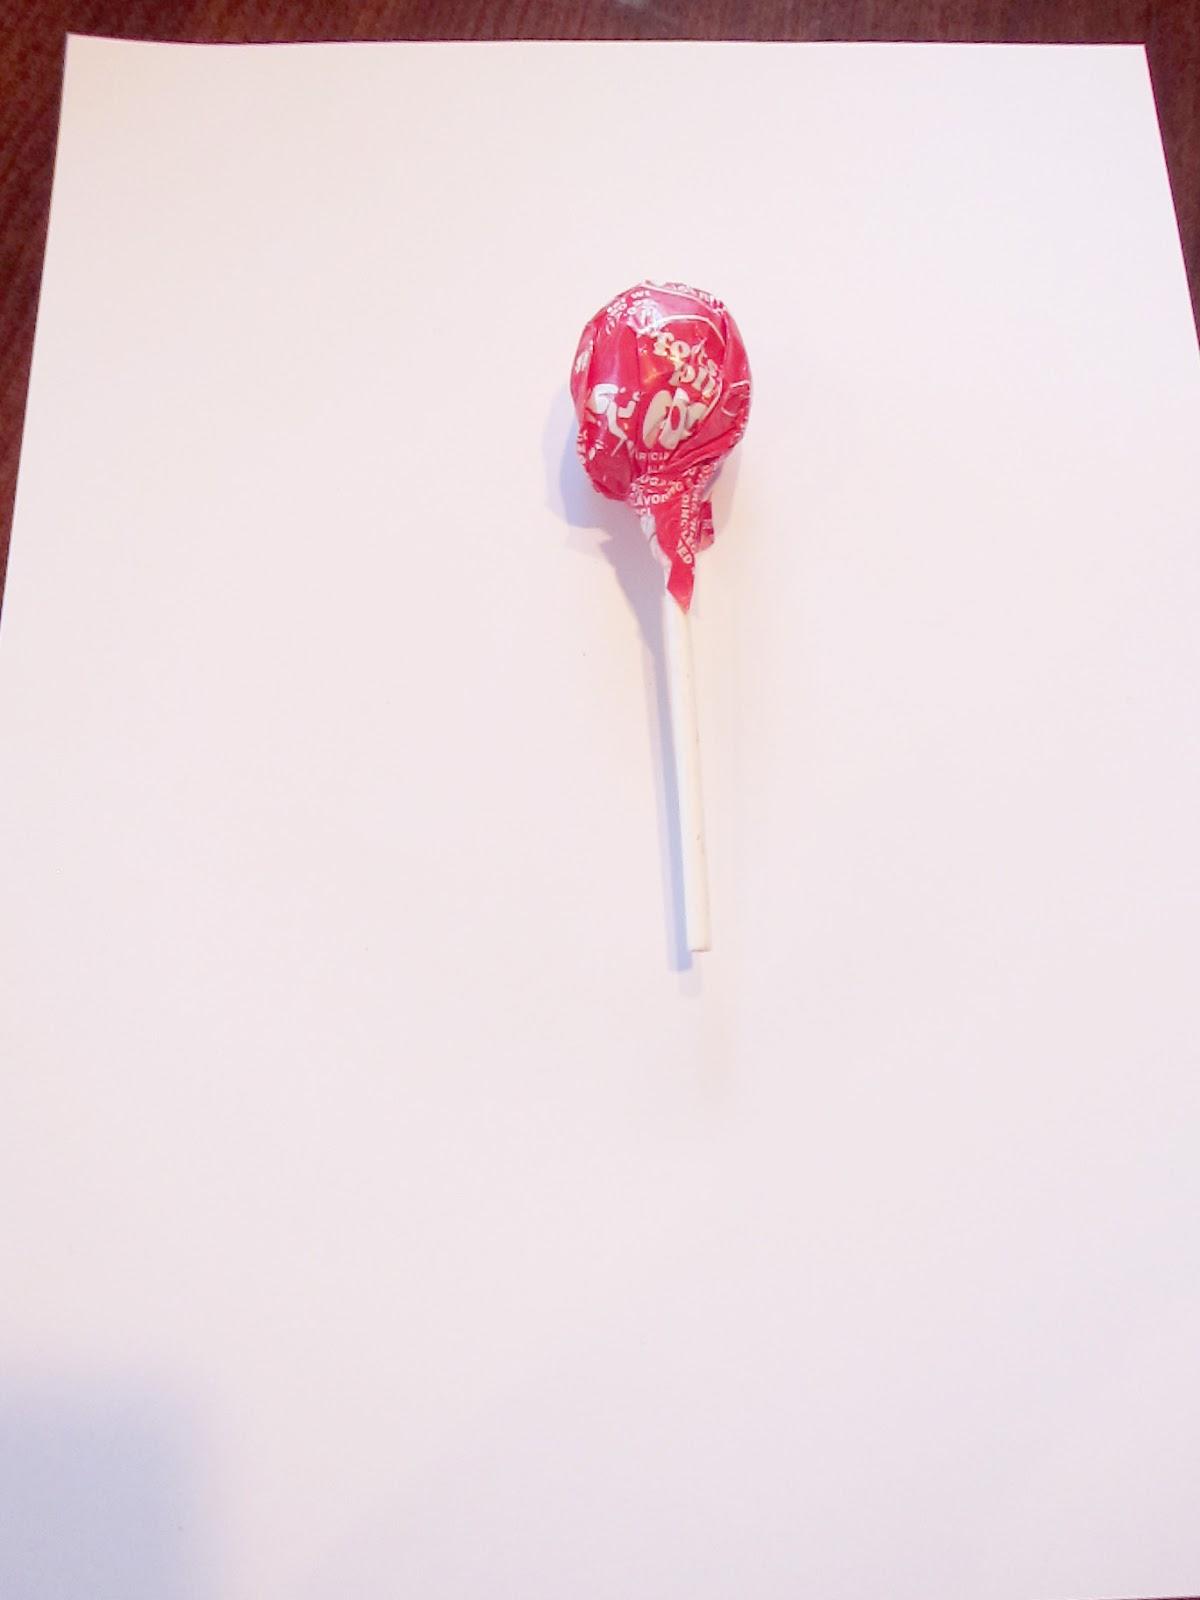 Super Hero Valentines Day Craft